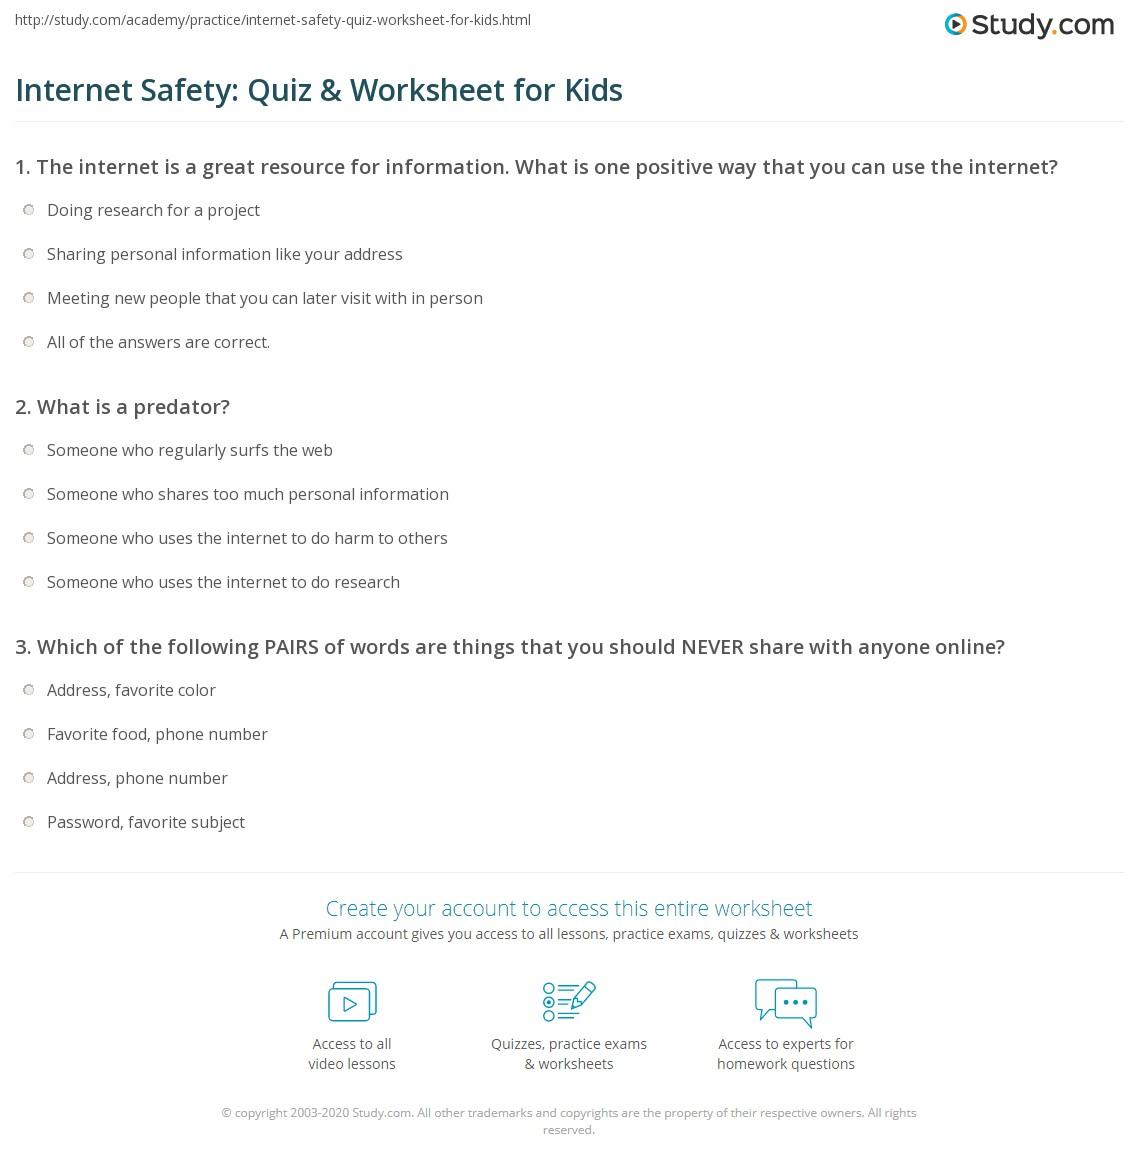 Internet Safety: Quiz & Worksheet for Kids | Study.com